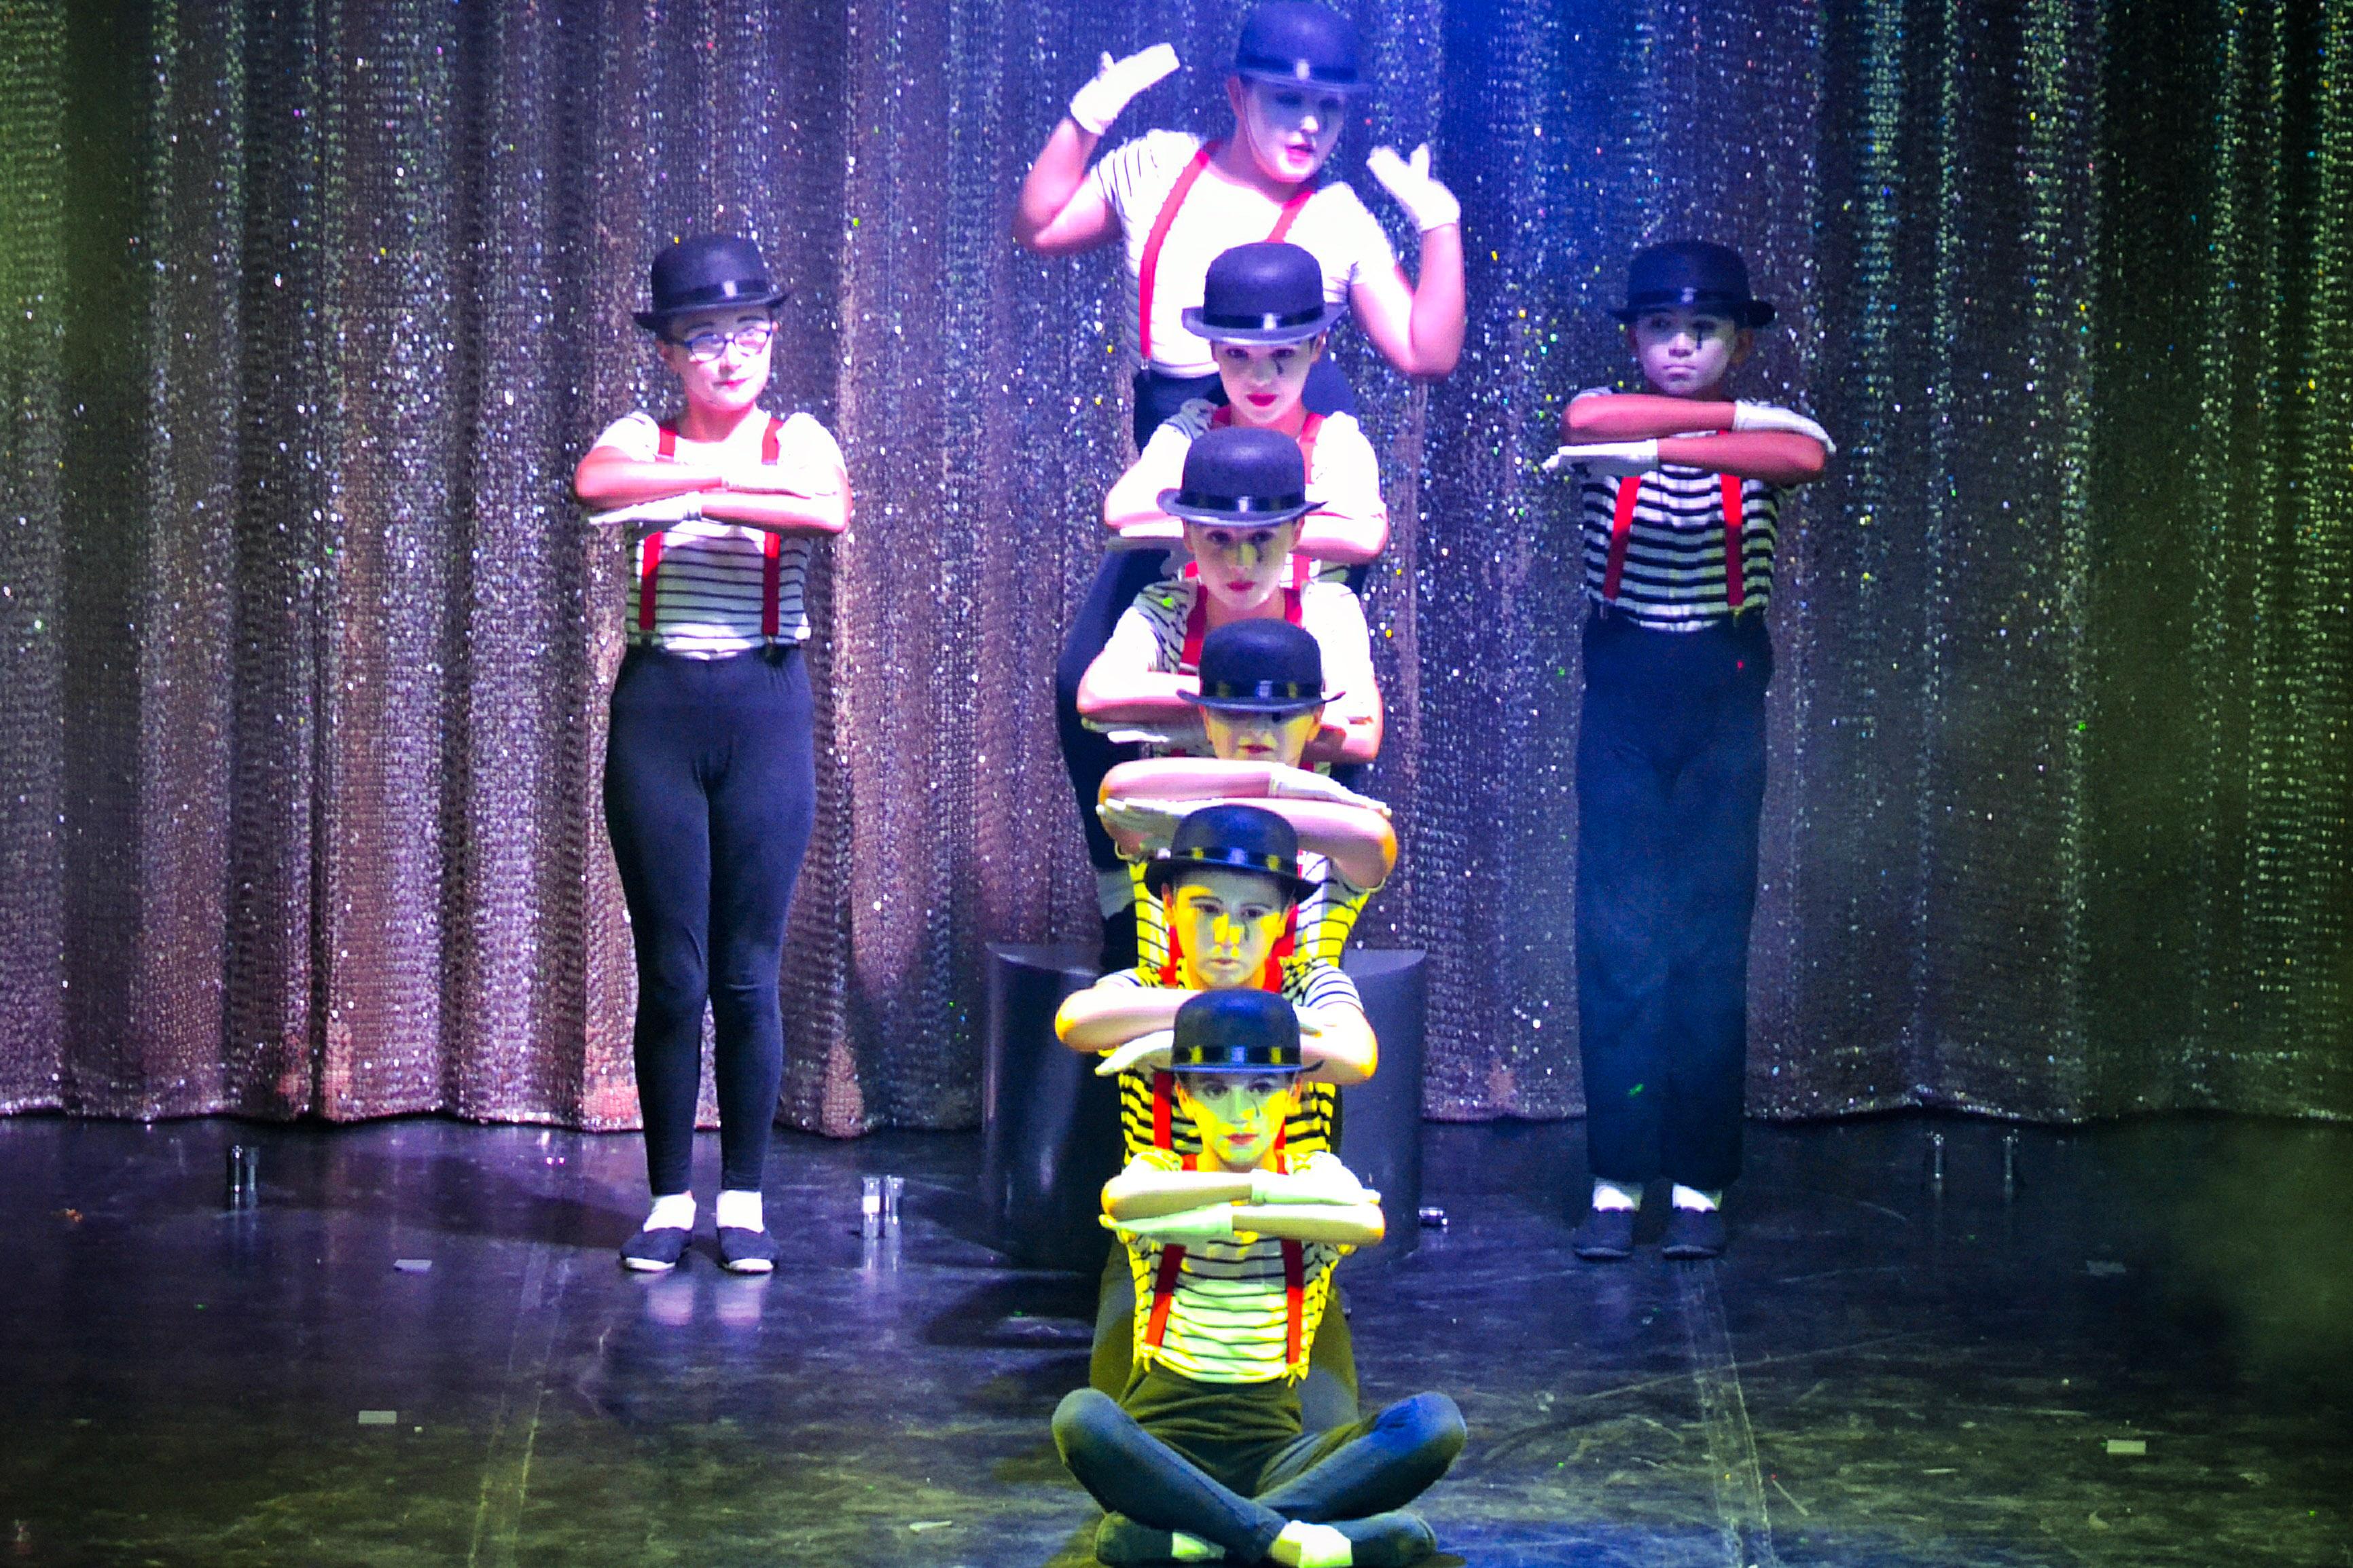 Linea-de-Baile-festival-verano-2015-clases-de-baile-valencia-167